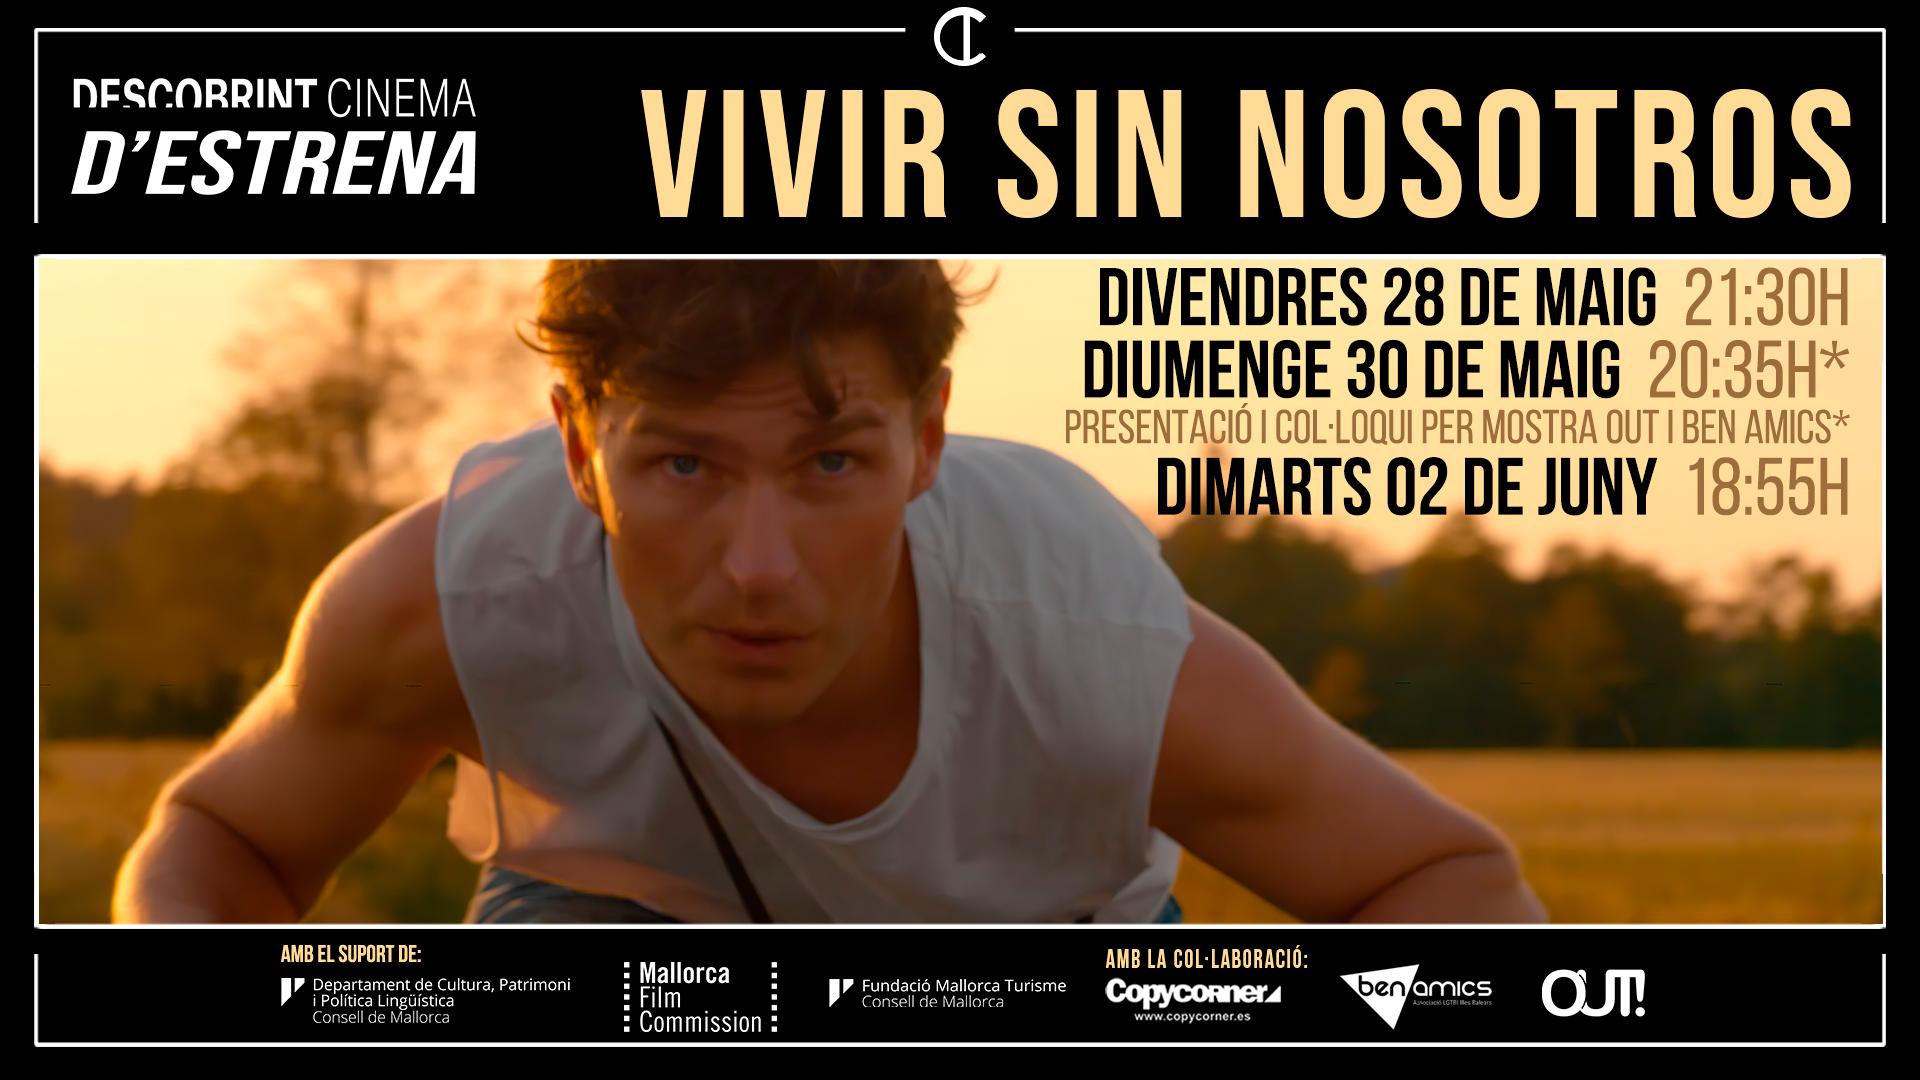 VivirSinNosotros_Screen.png